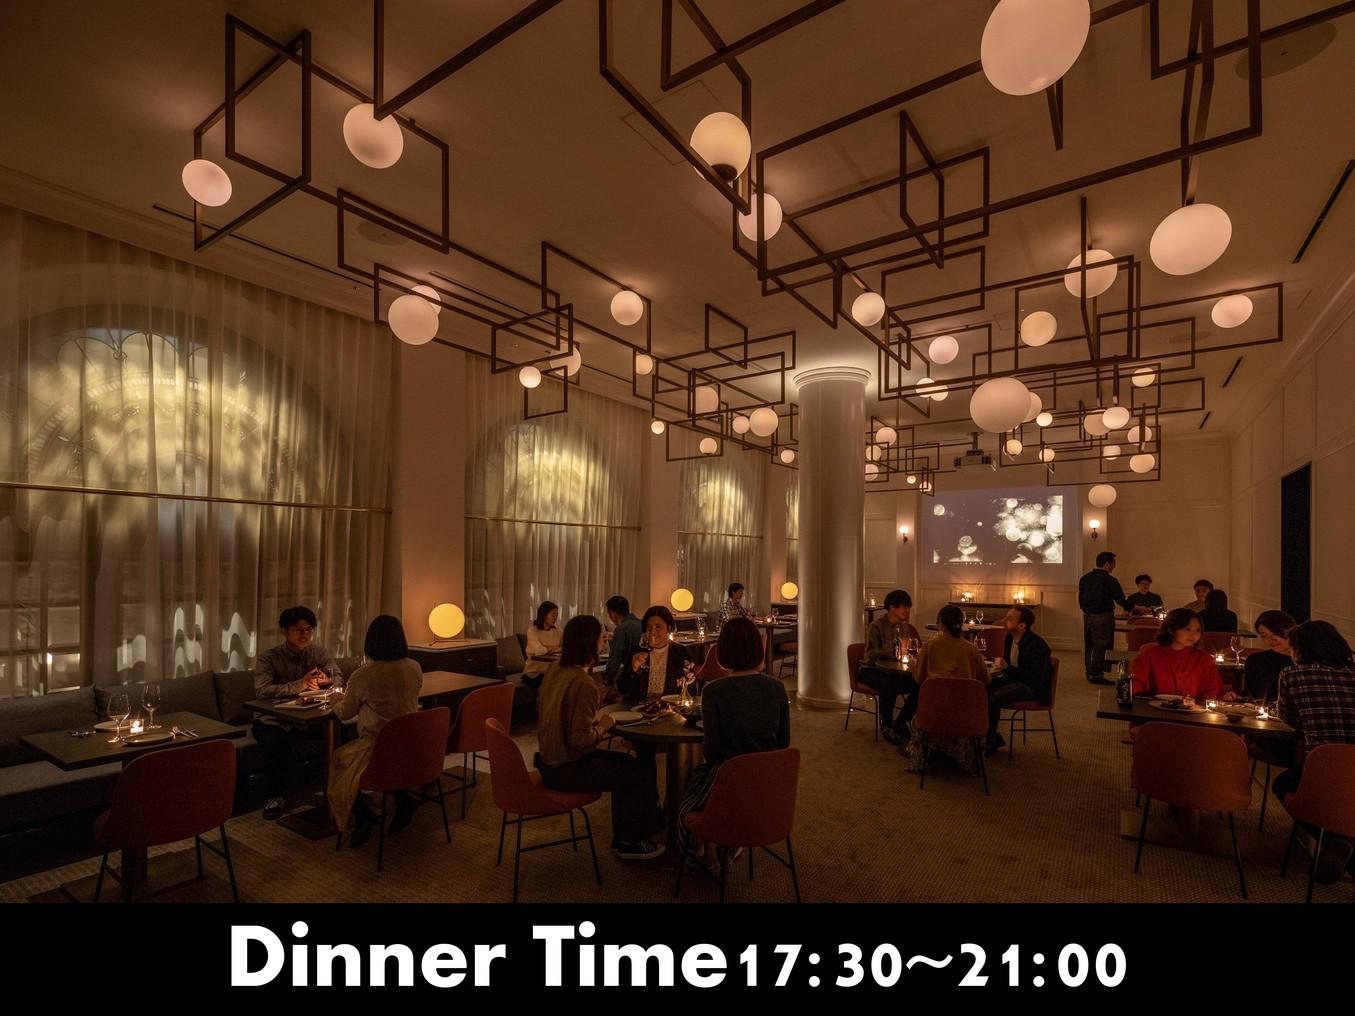 レストランThe Ball営業時間17:30〜21:00